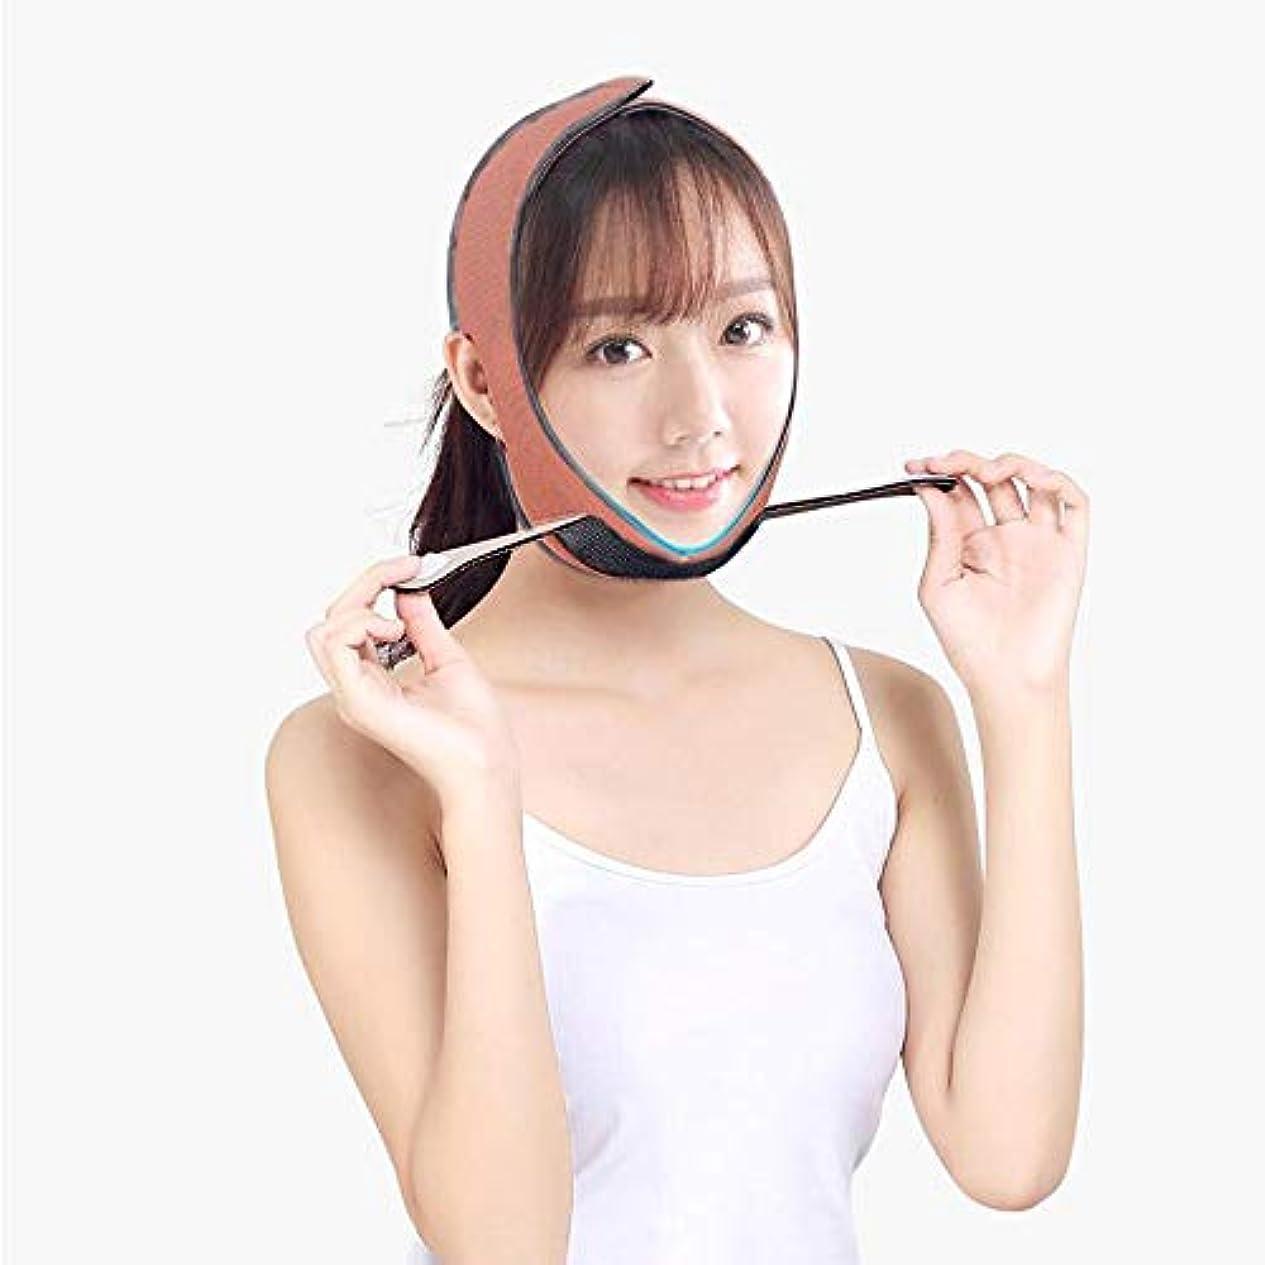 おそらく診断する漂流Minmin フェイシャルリフティングスリミングベルト - 薄いフェイス包帯Vフェイス包帯マスクフェイシャルマッサージャー無料整形マスク顔と首の顔を引き締めますスリム みんみんVラインフェイスマスク